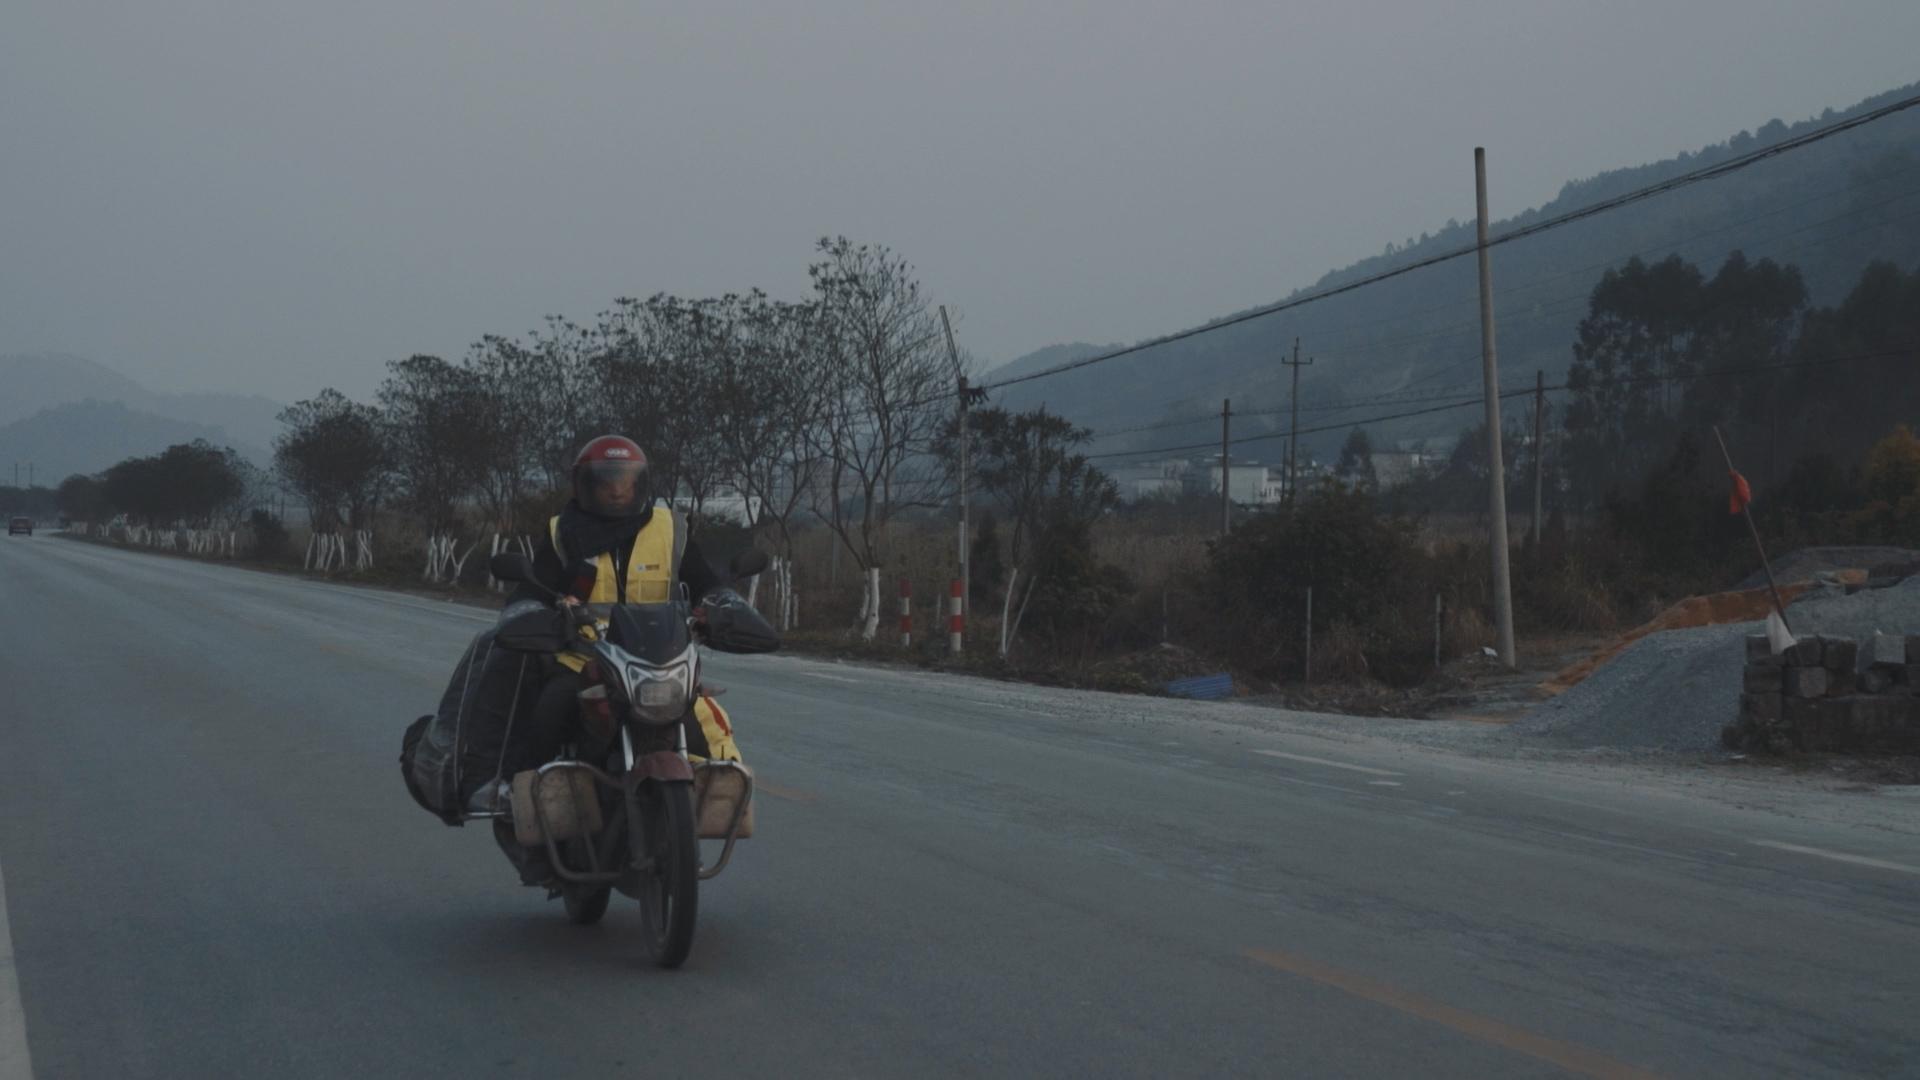 【视频】钛媒体跟拍返乡务工者:千里骑行,只为团聚